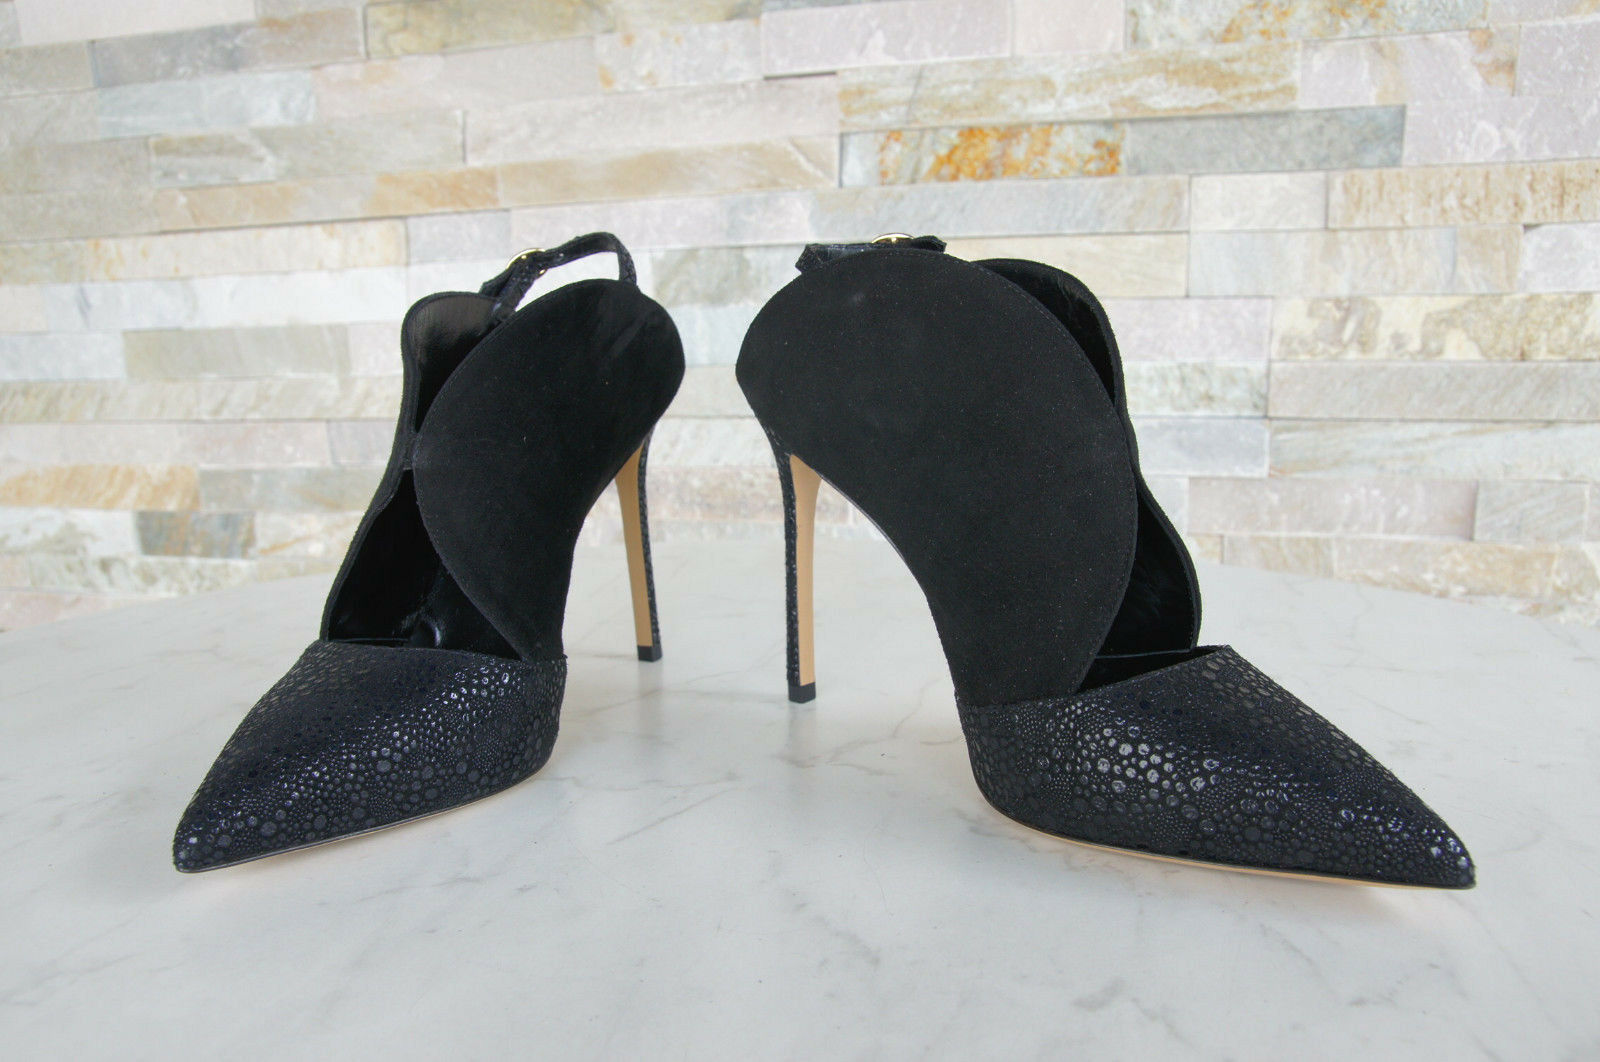 LUCIANO PADOVAN Gr 38,5 schwarz Pumps Slingbacks Schuhe Viper Heels schwarz 38,5 NEU e6a99d